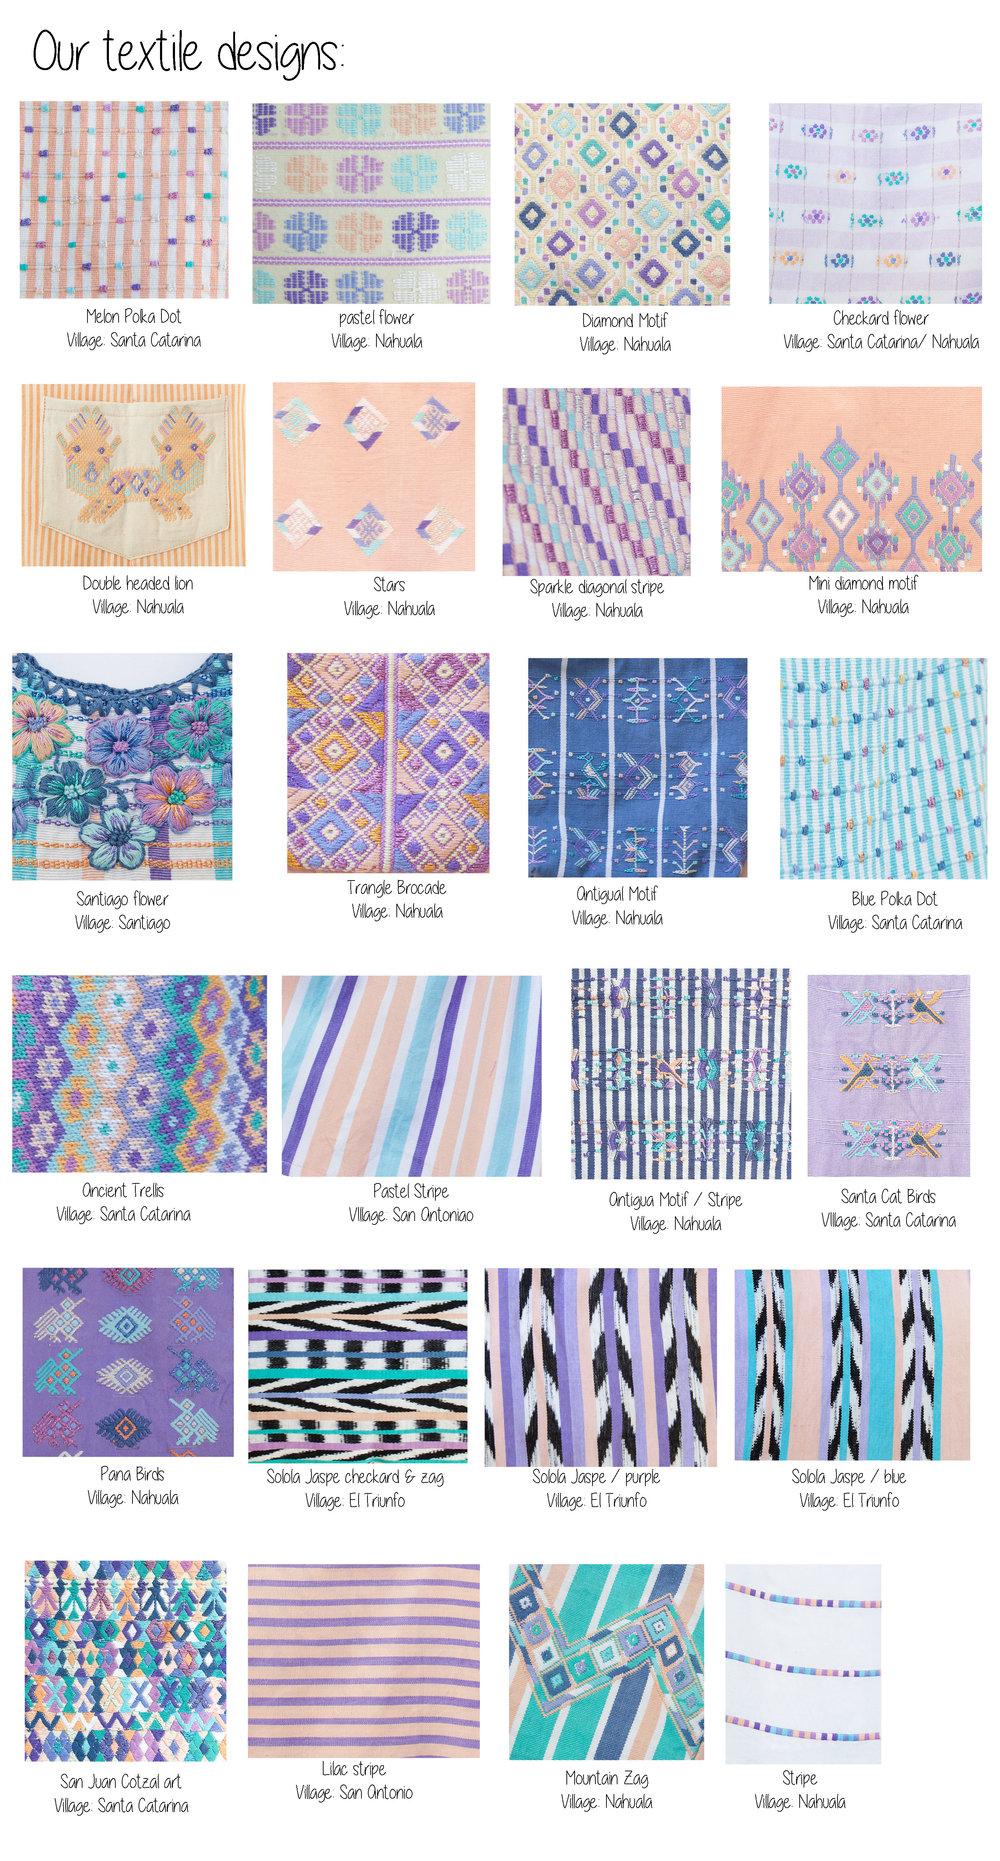 portfolio textiles6.jpg